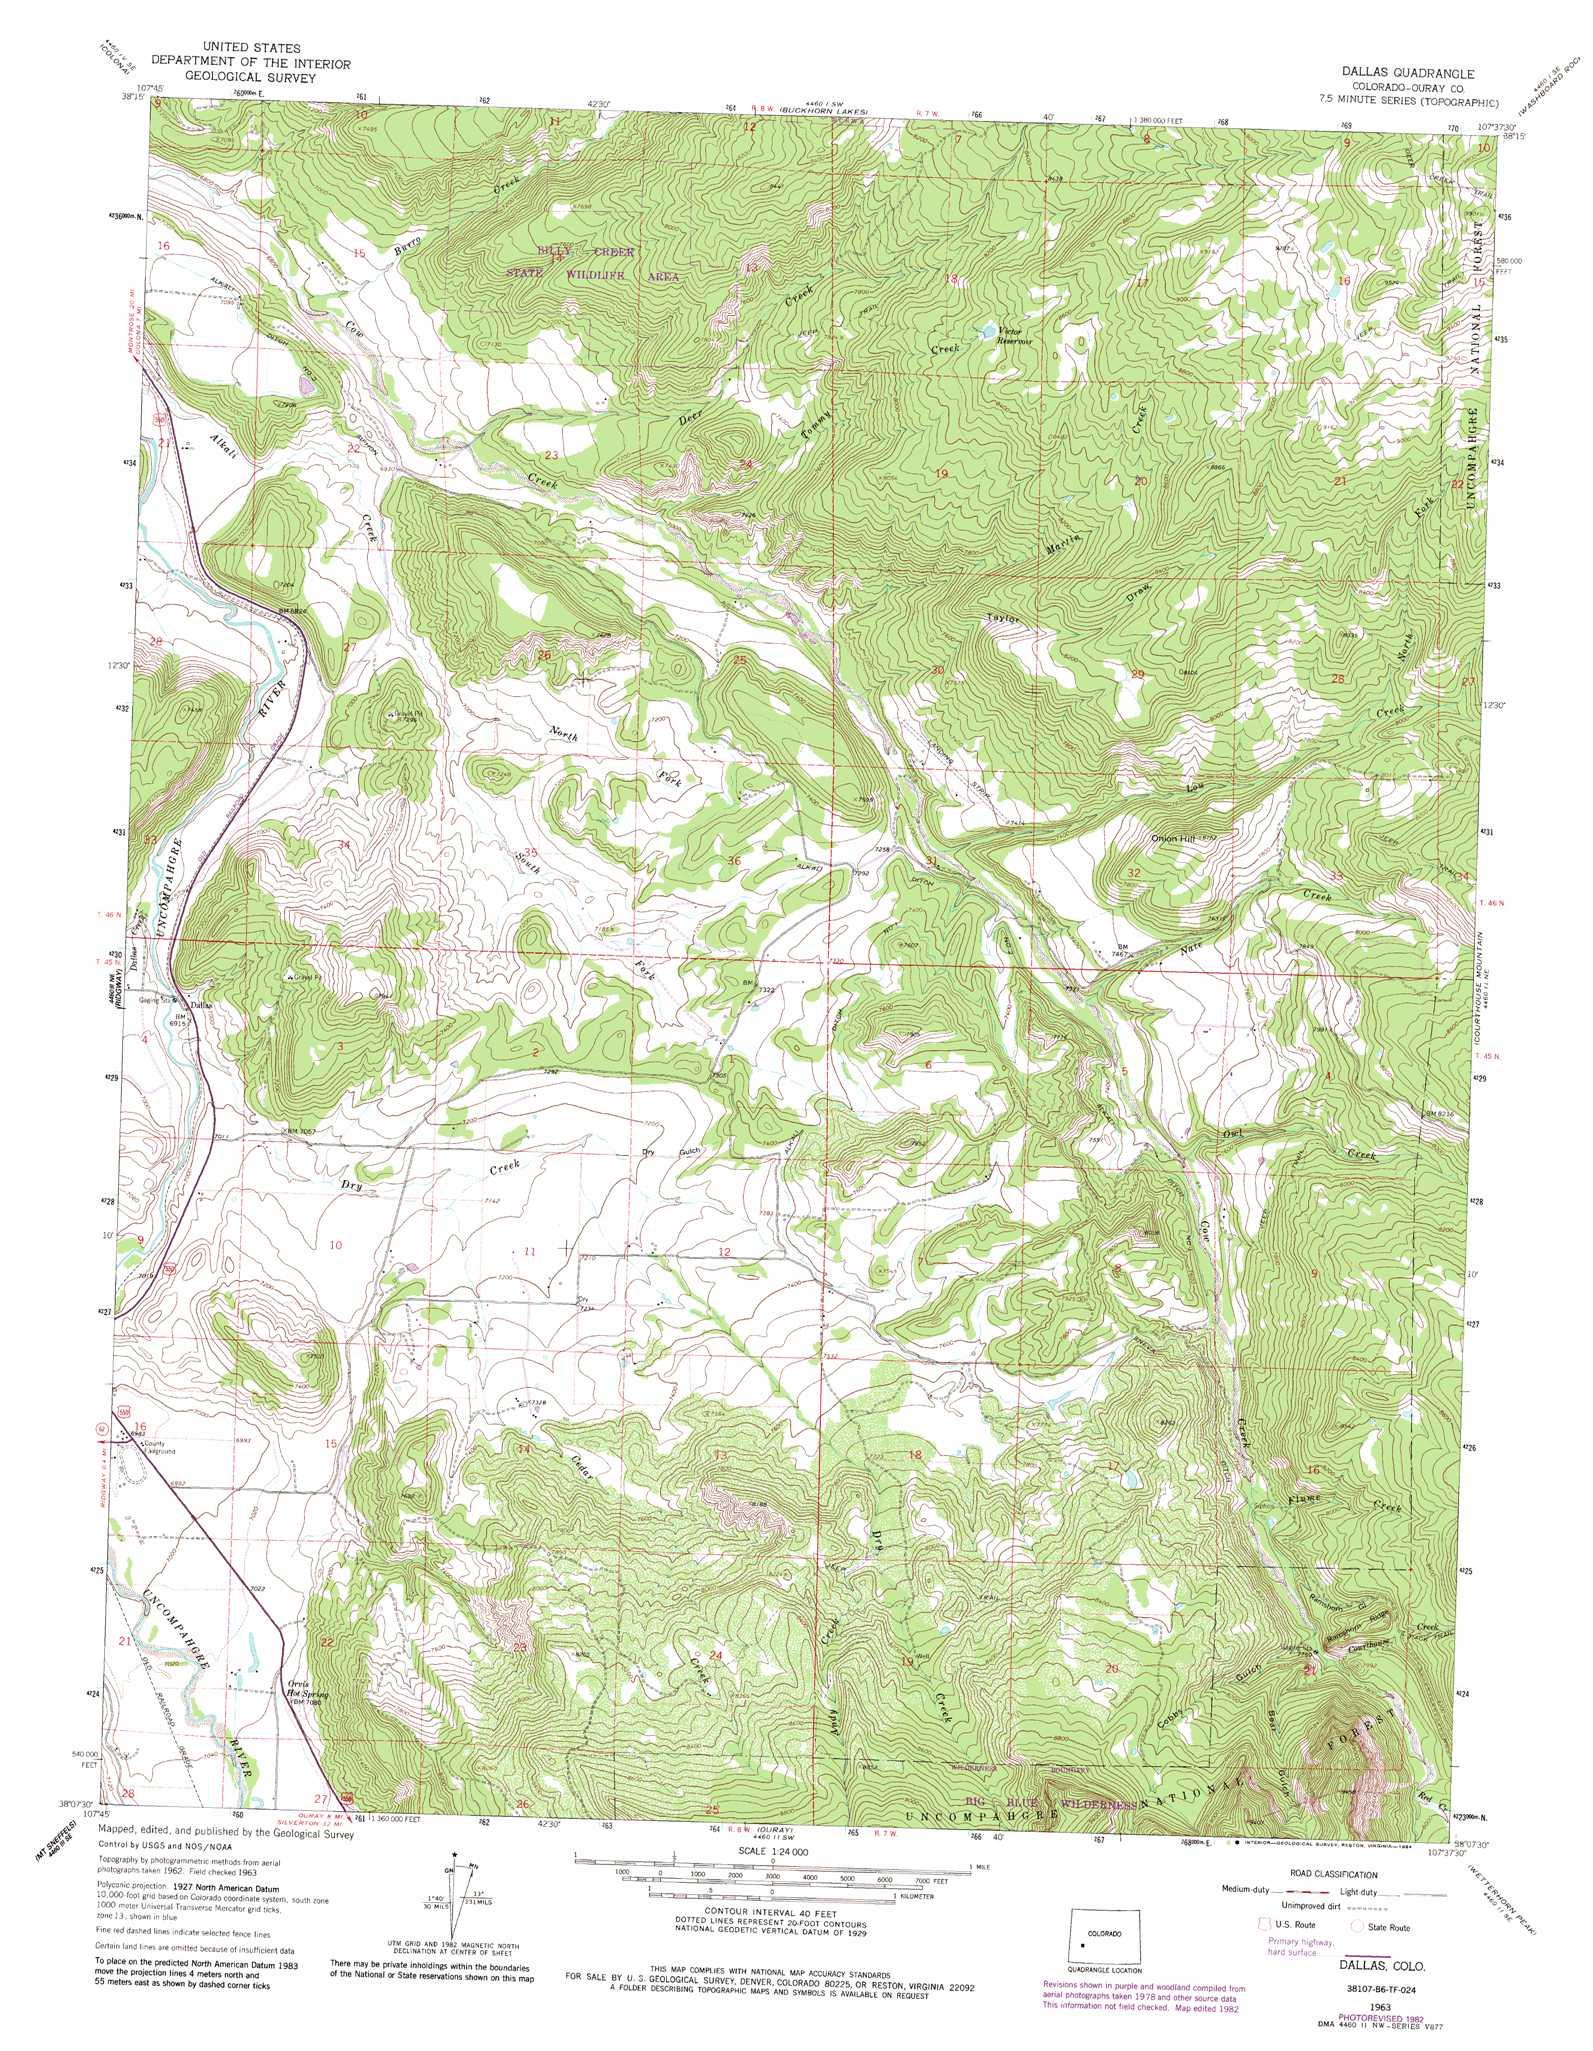 Dallas Topographic Map Co Usgs Topo Quad 38107b6